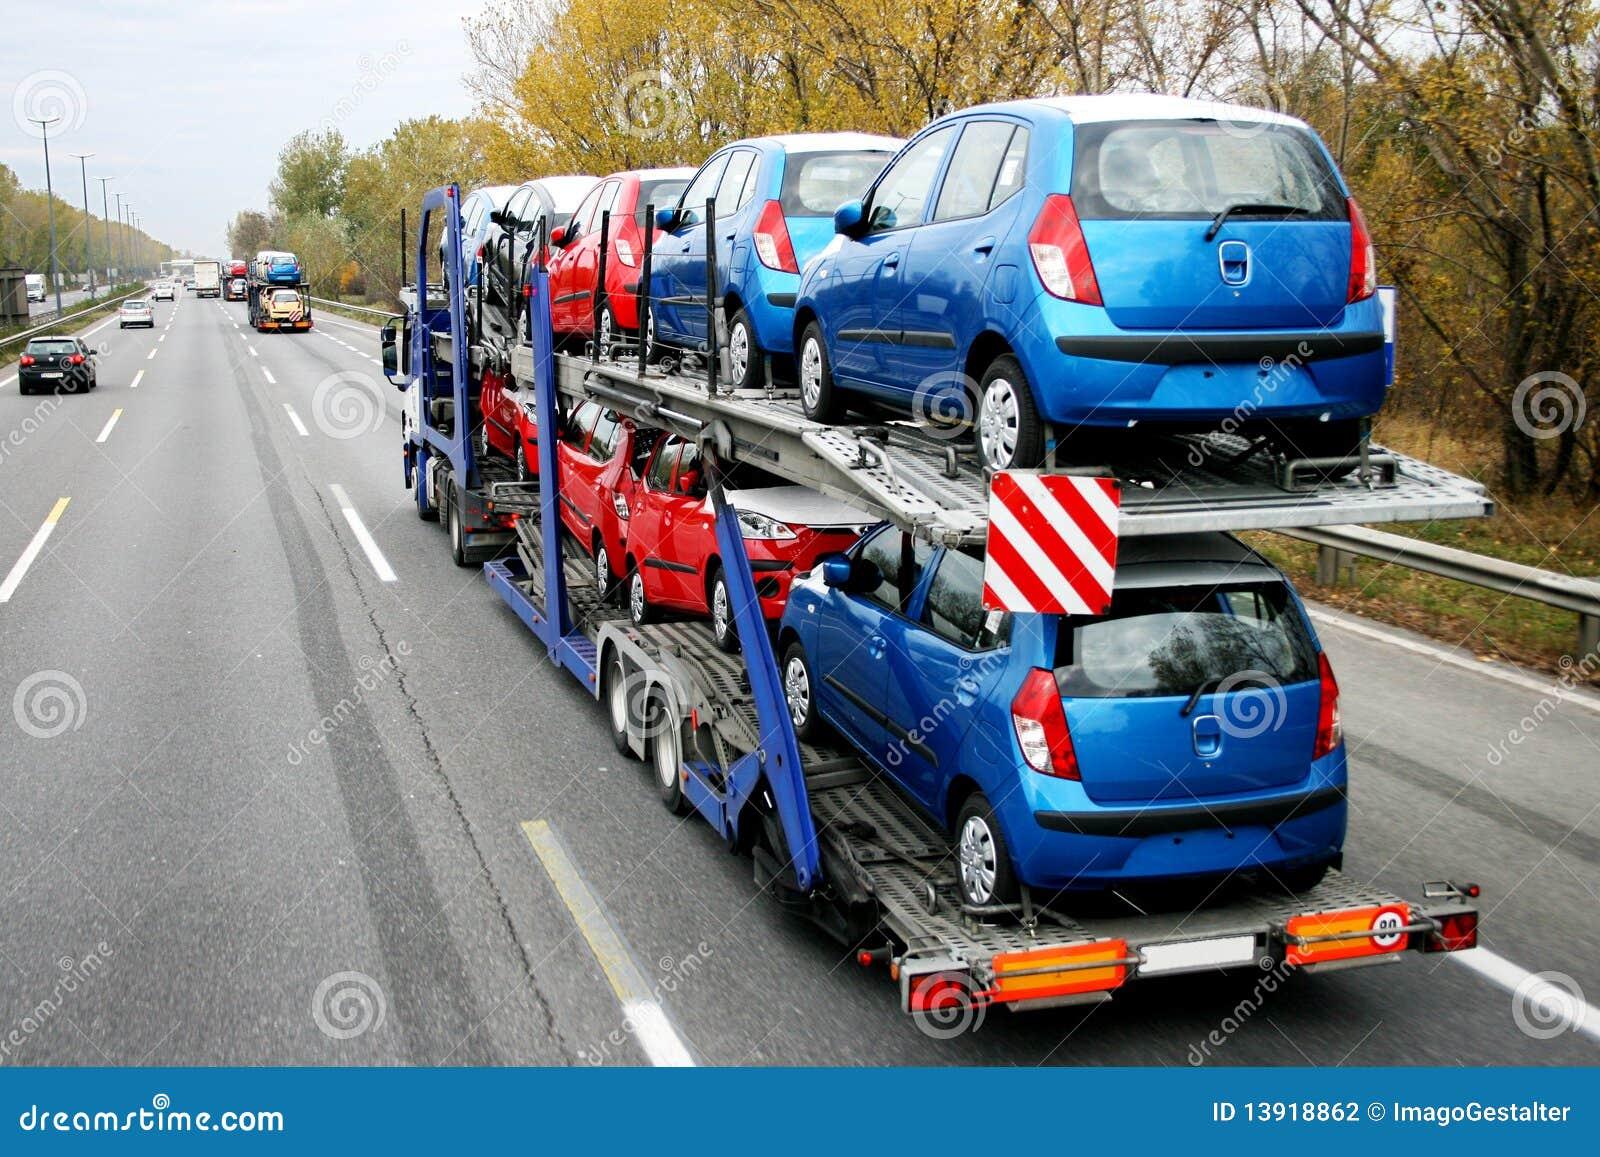 Transporte do carro carros na estrada fotografia de - Carro de transporte ...